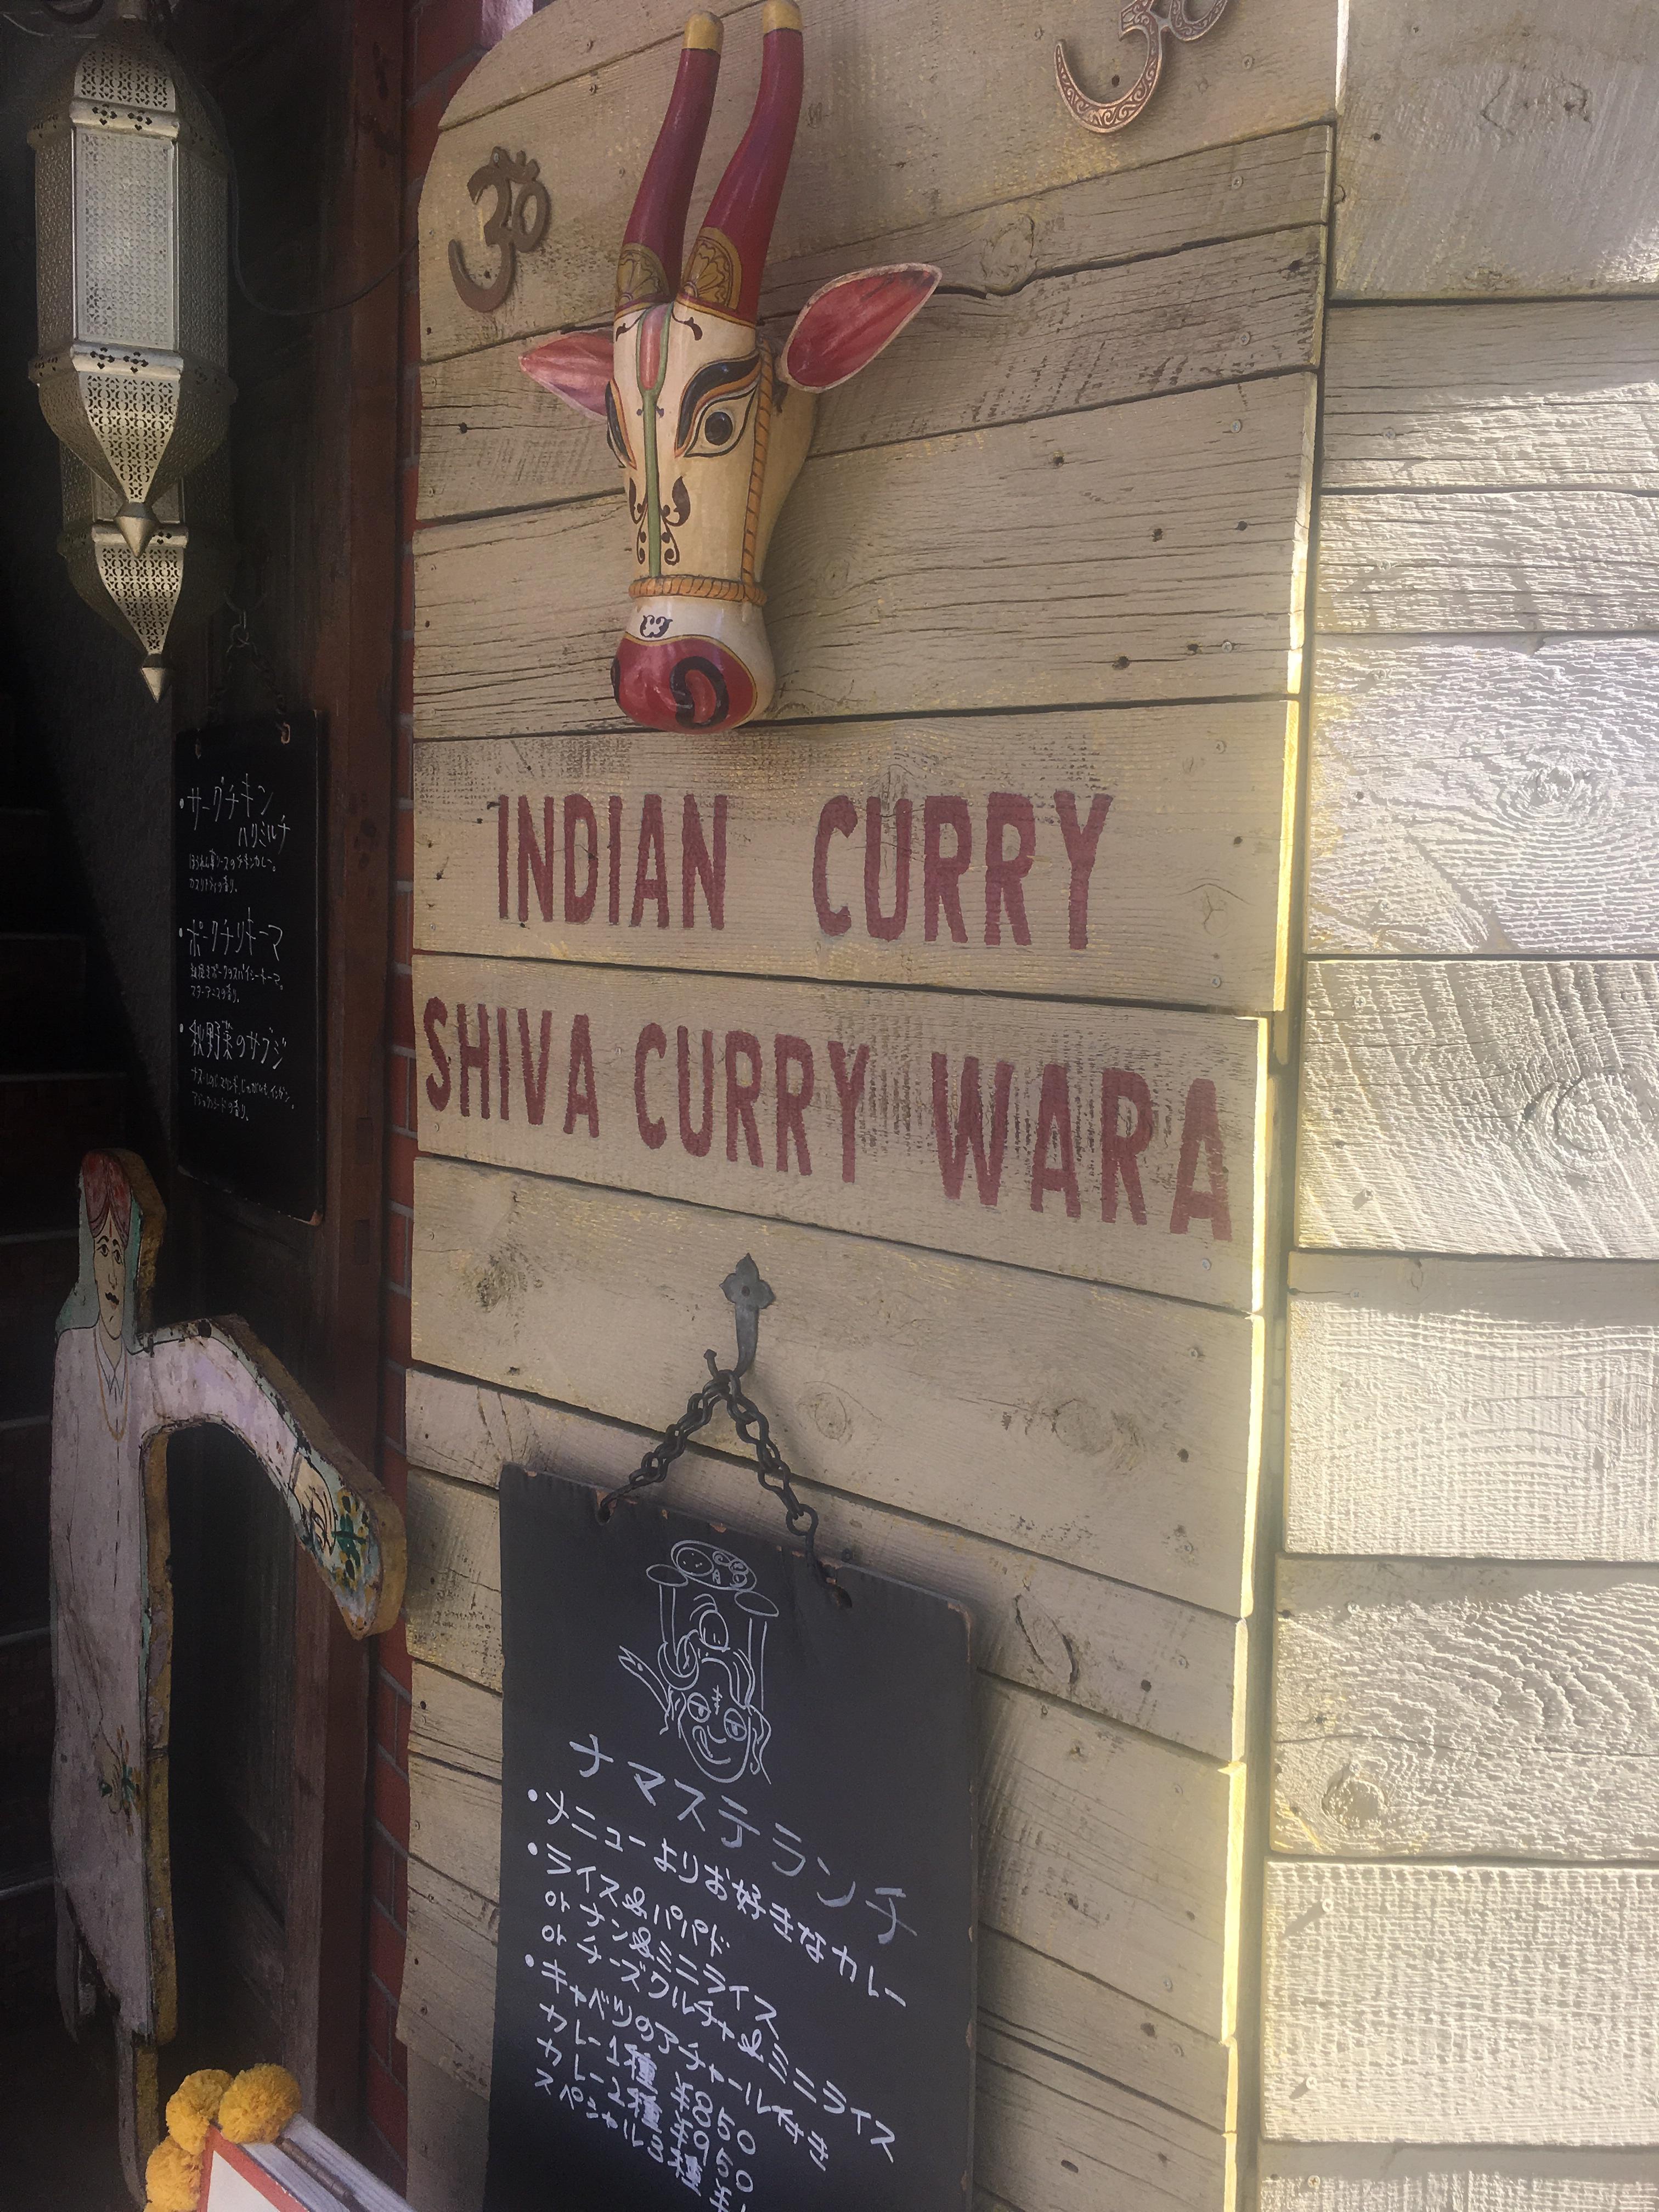 三軒茶屋シバカリーワラで本格インドカレーを食す